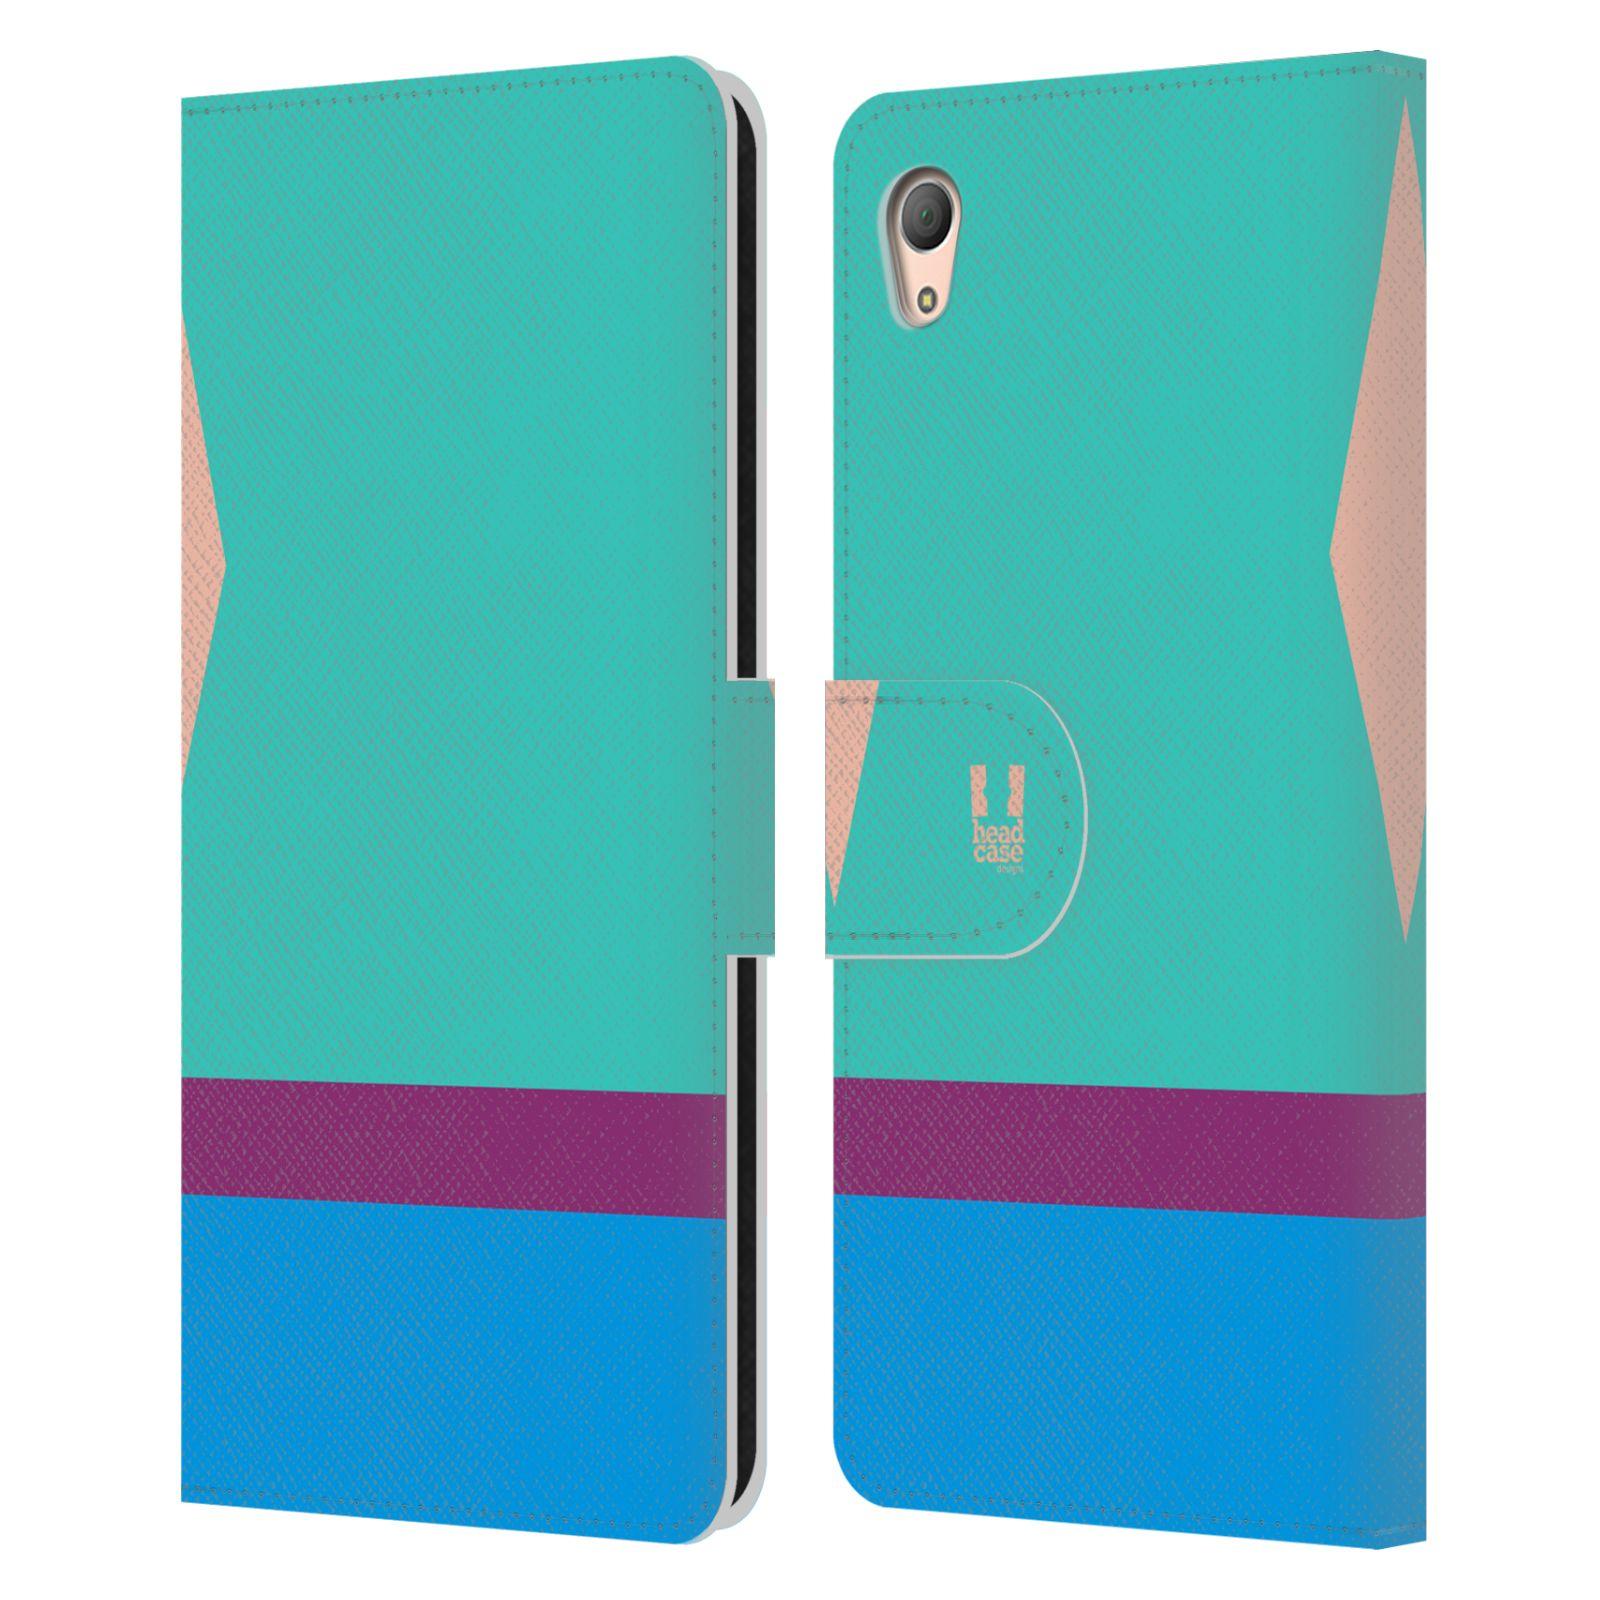 HEAD CASE Flipové pouzdro pro mobil SONY XPERIA Z3+(Z3 PLUS) barevné tvary modrá a fialový pruh